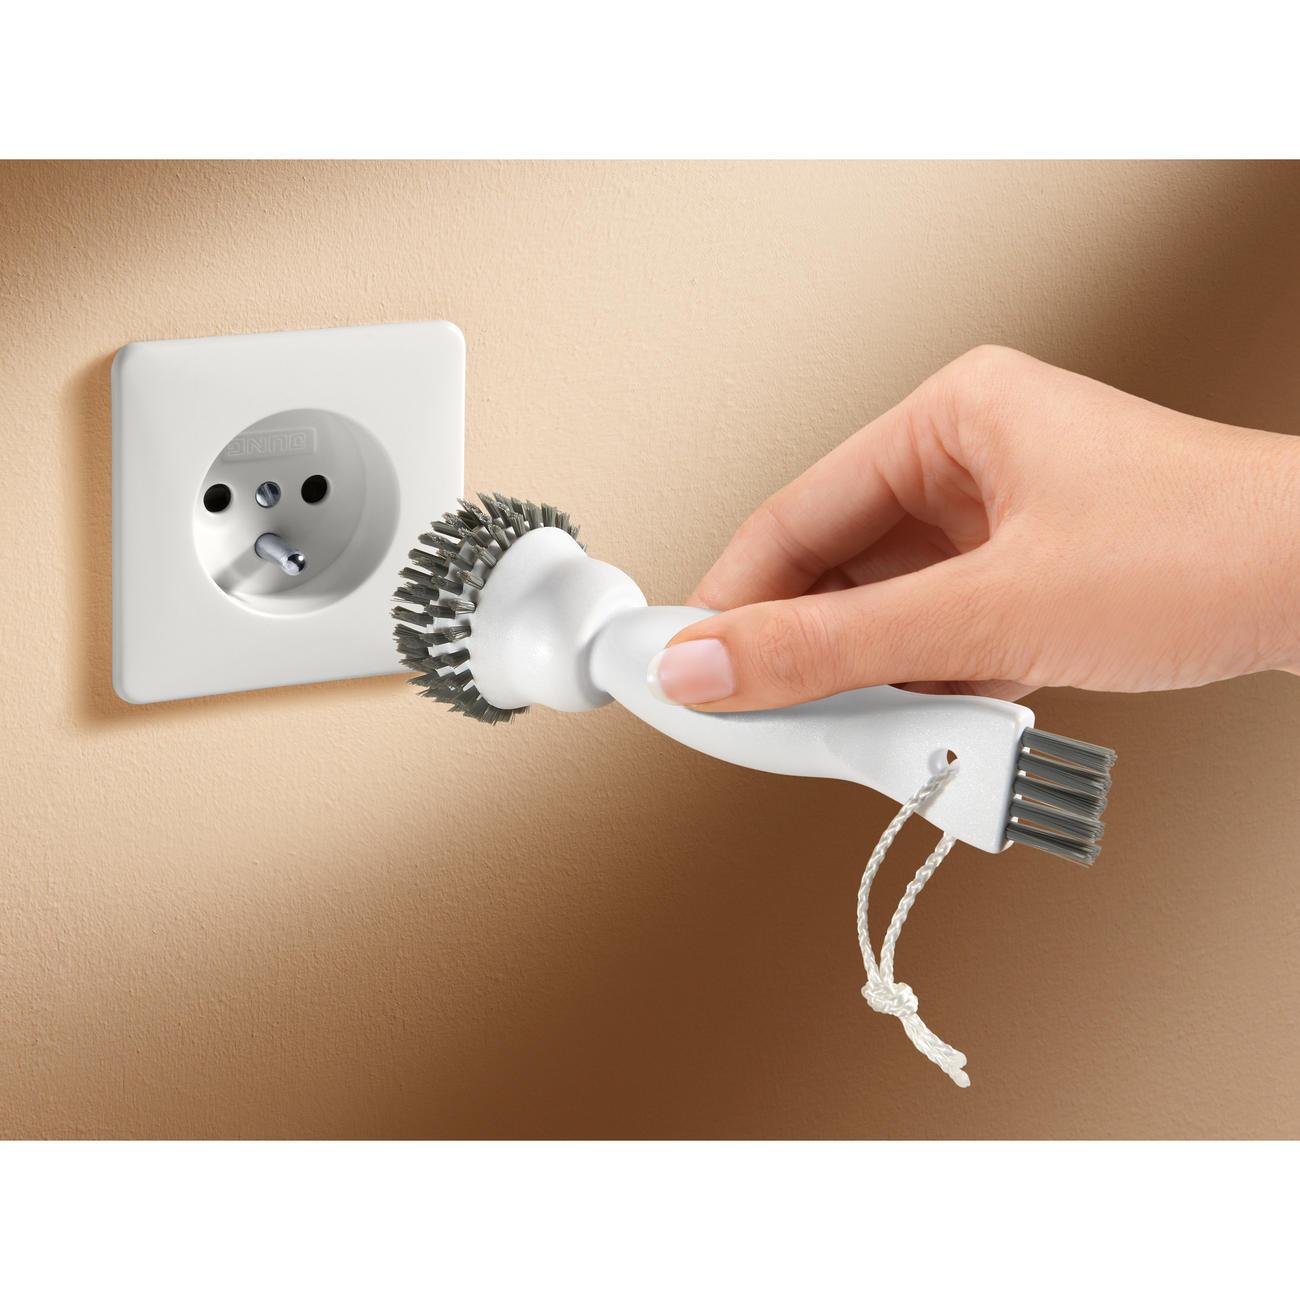 acheter brosse pour prise de courant en ligne pas cher. Black Bedroom Furniture Sets. Home Design Ideas